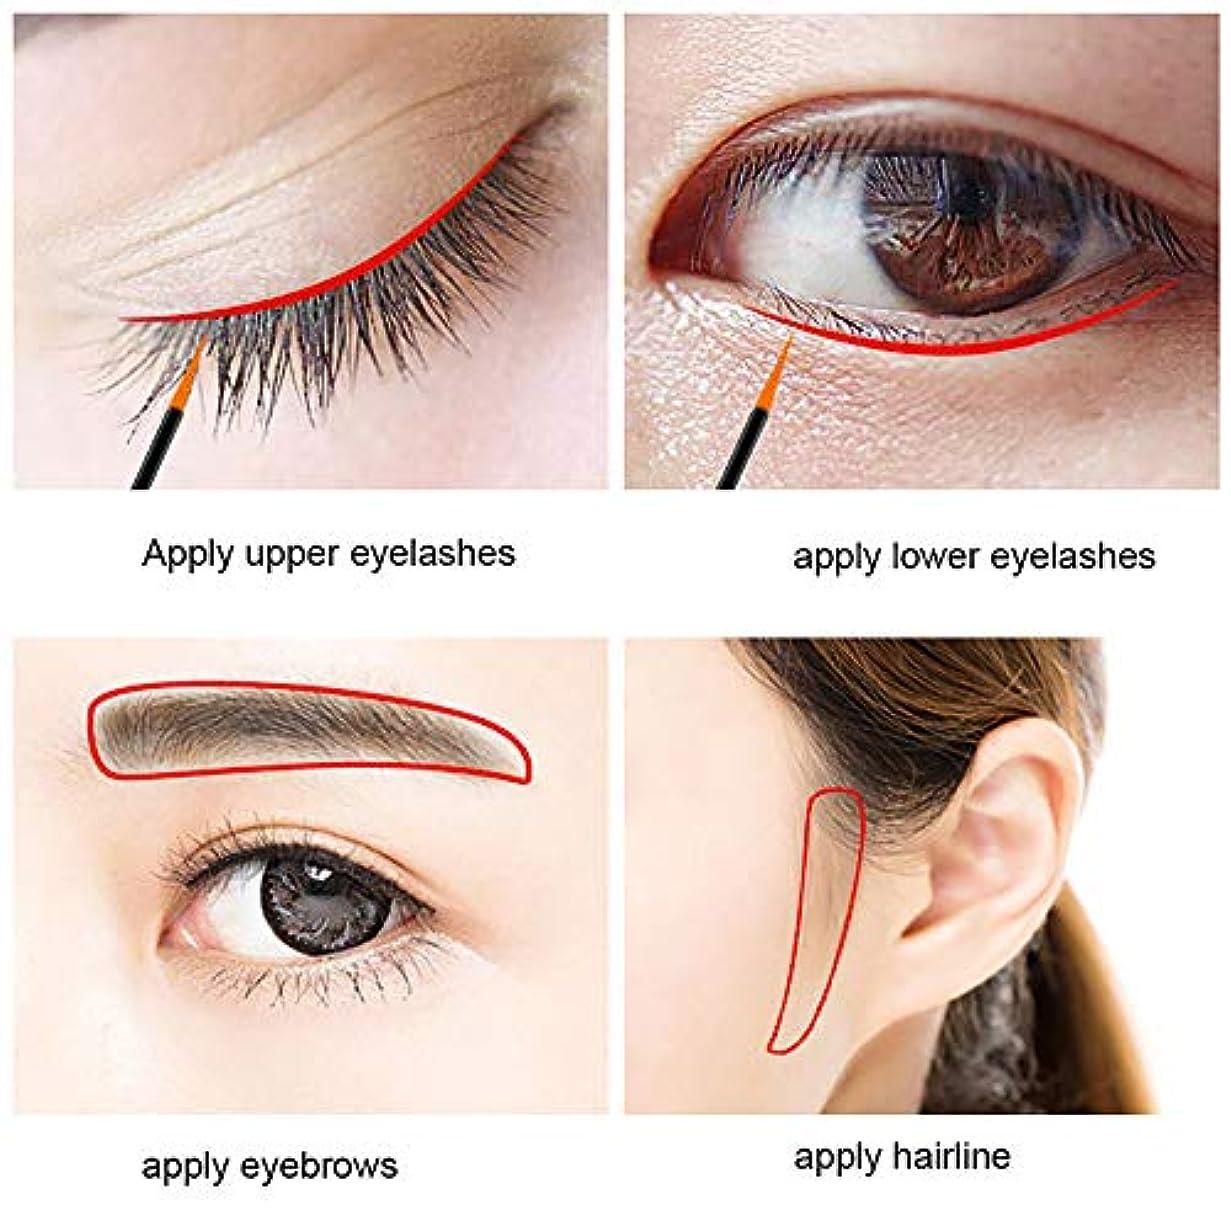 敏感な平和装置眉毛まつげ速い急速な成長の液体エンハンサー栄養液栄養